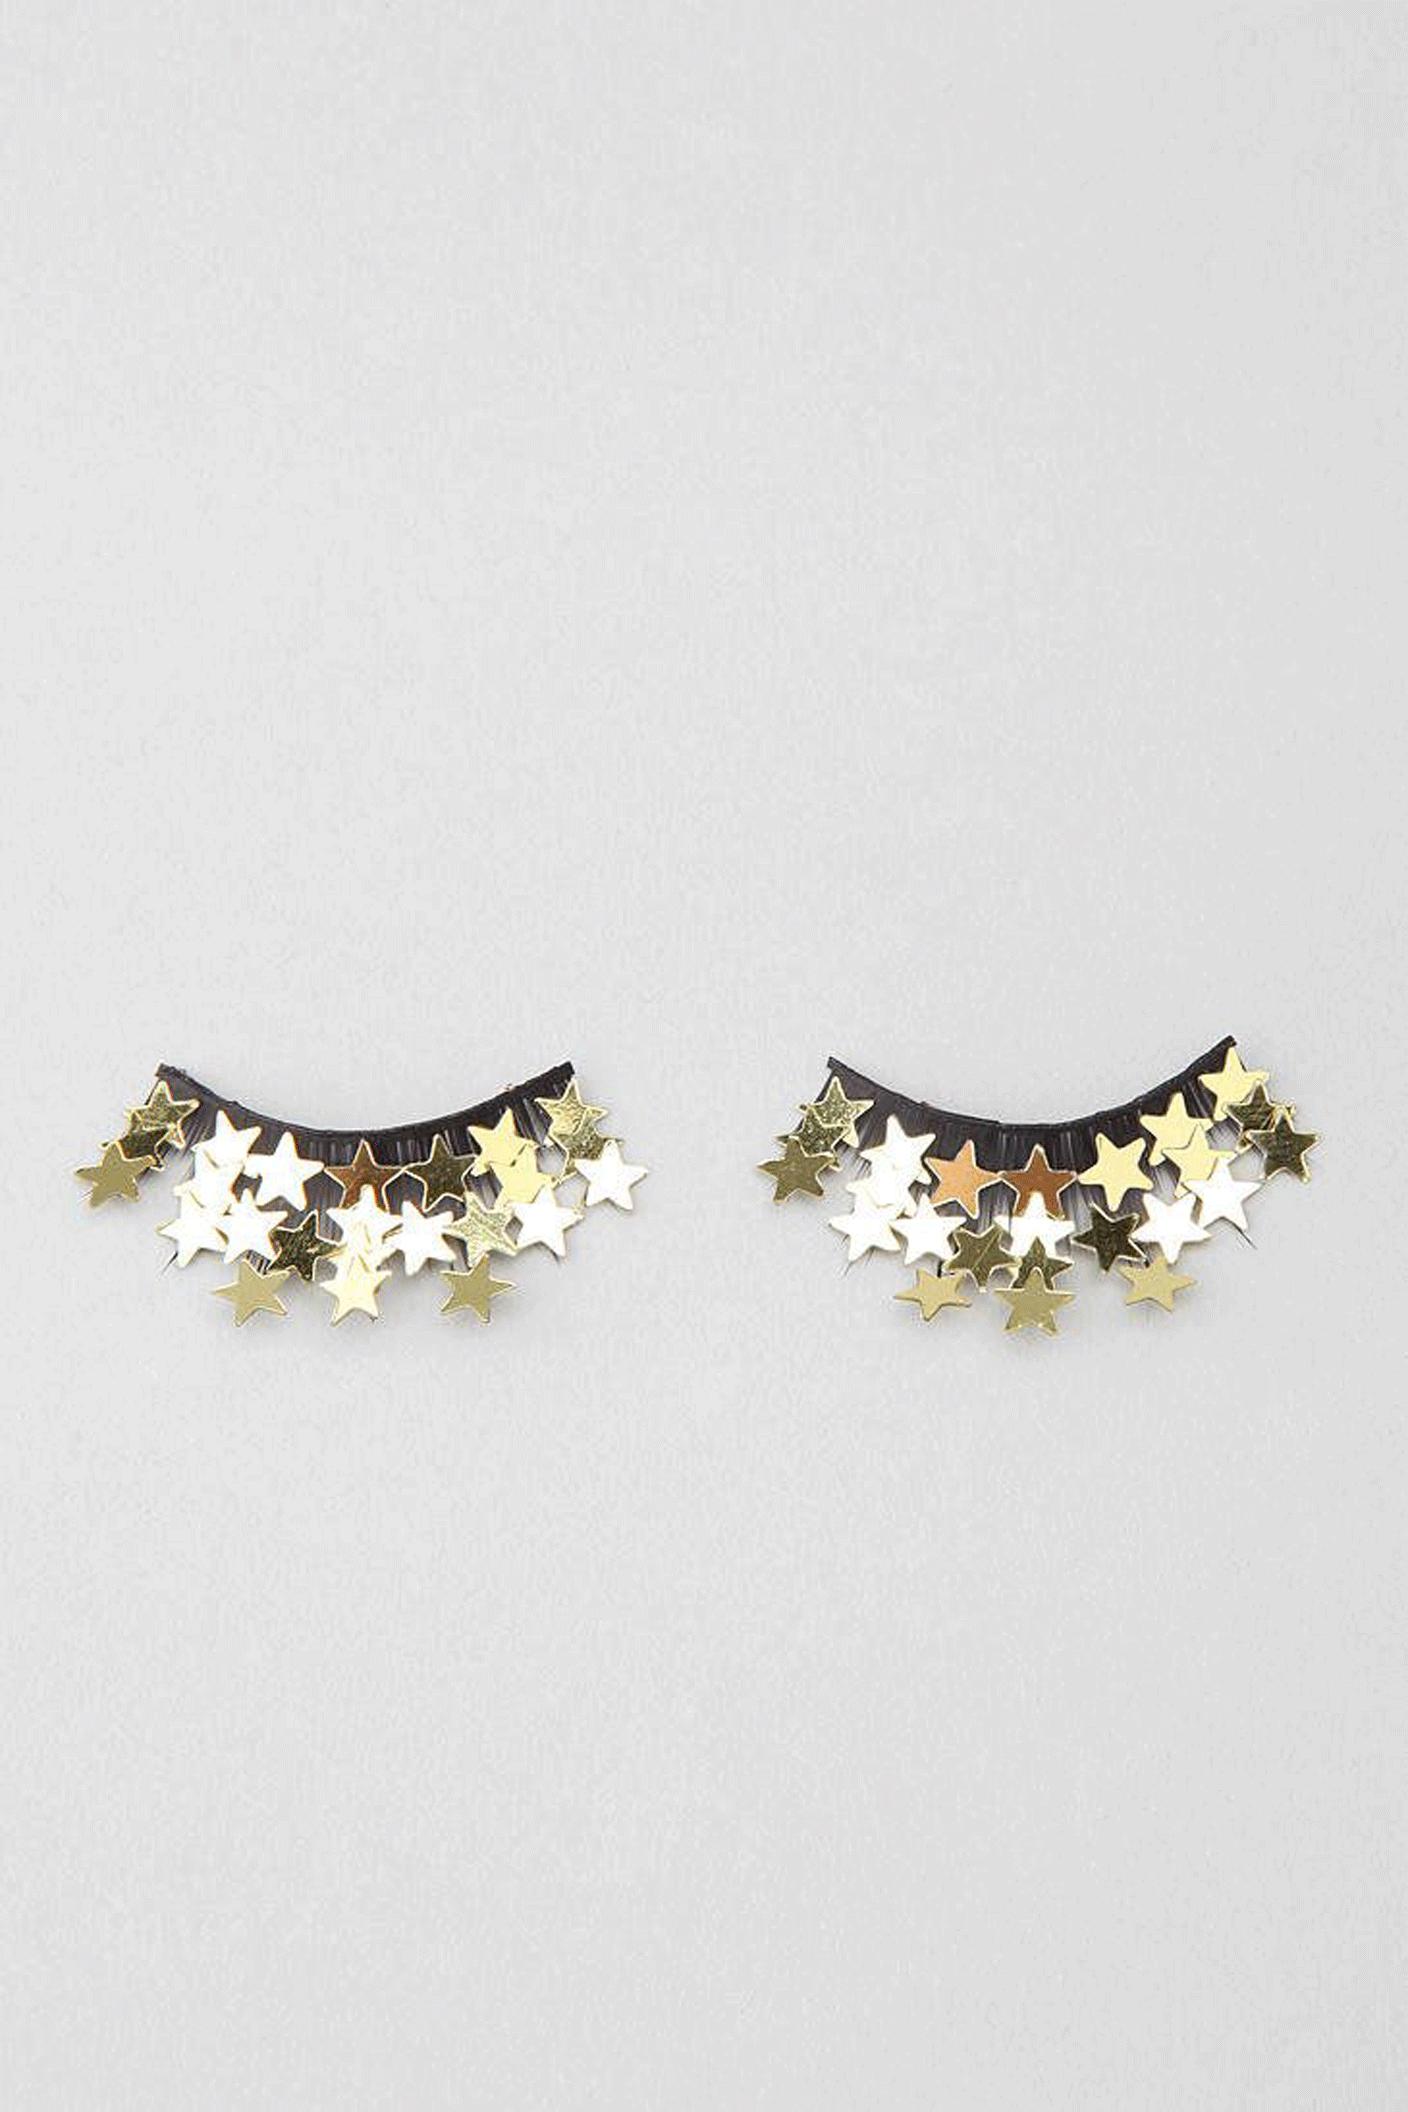 star eyelashes | @themissprints